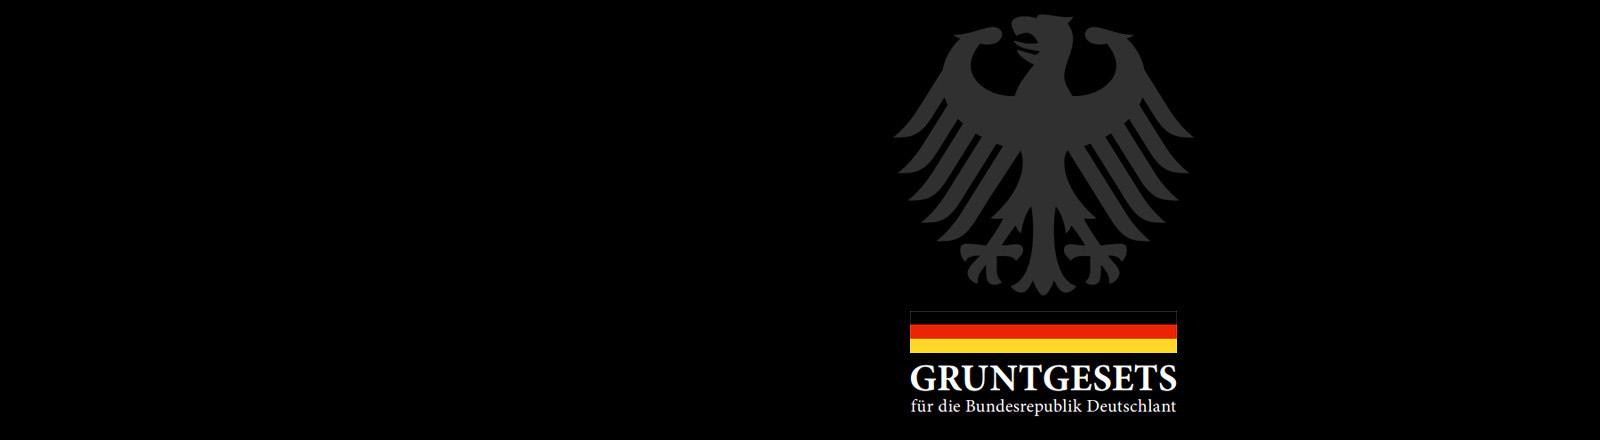 """Cover des neuen """"Gruntgesets"""" auf Pegida-Deutsch"""